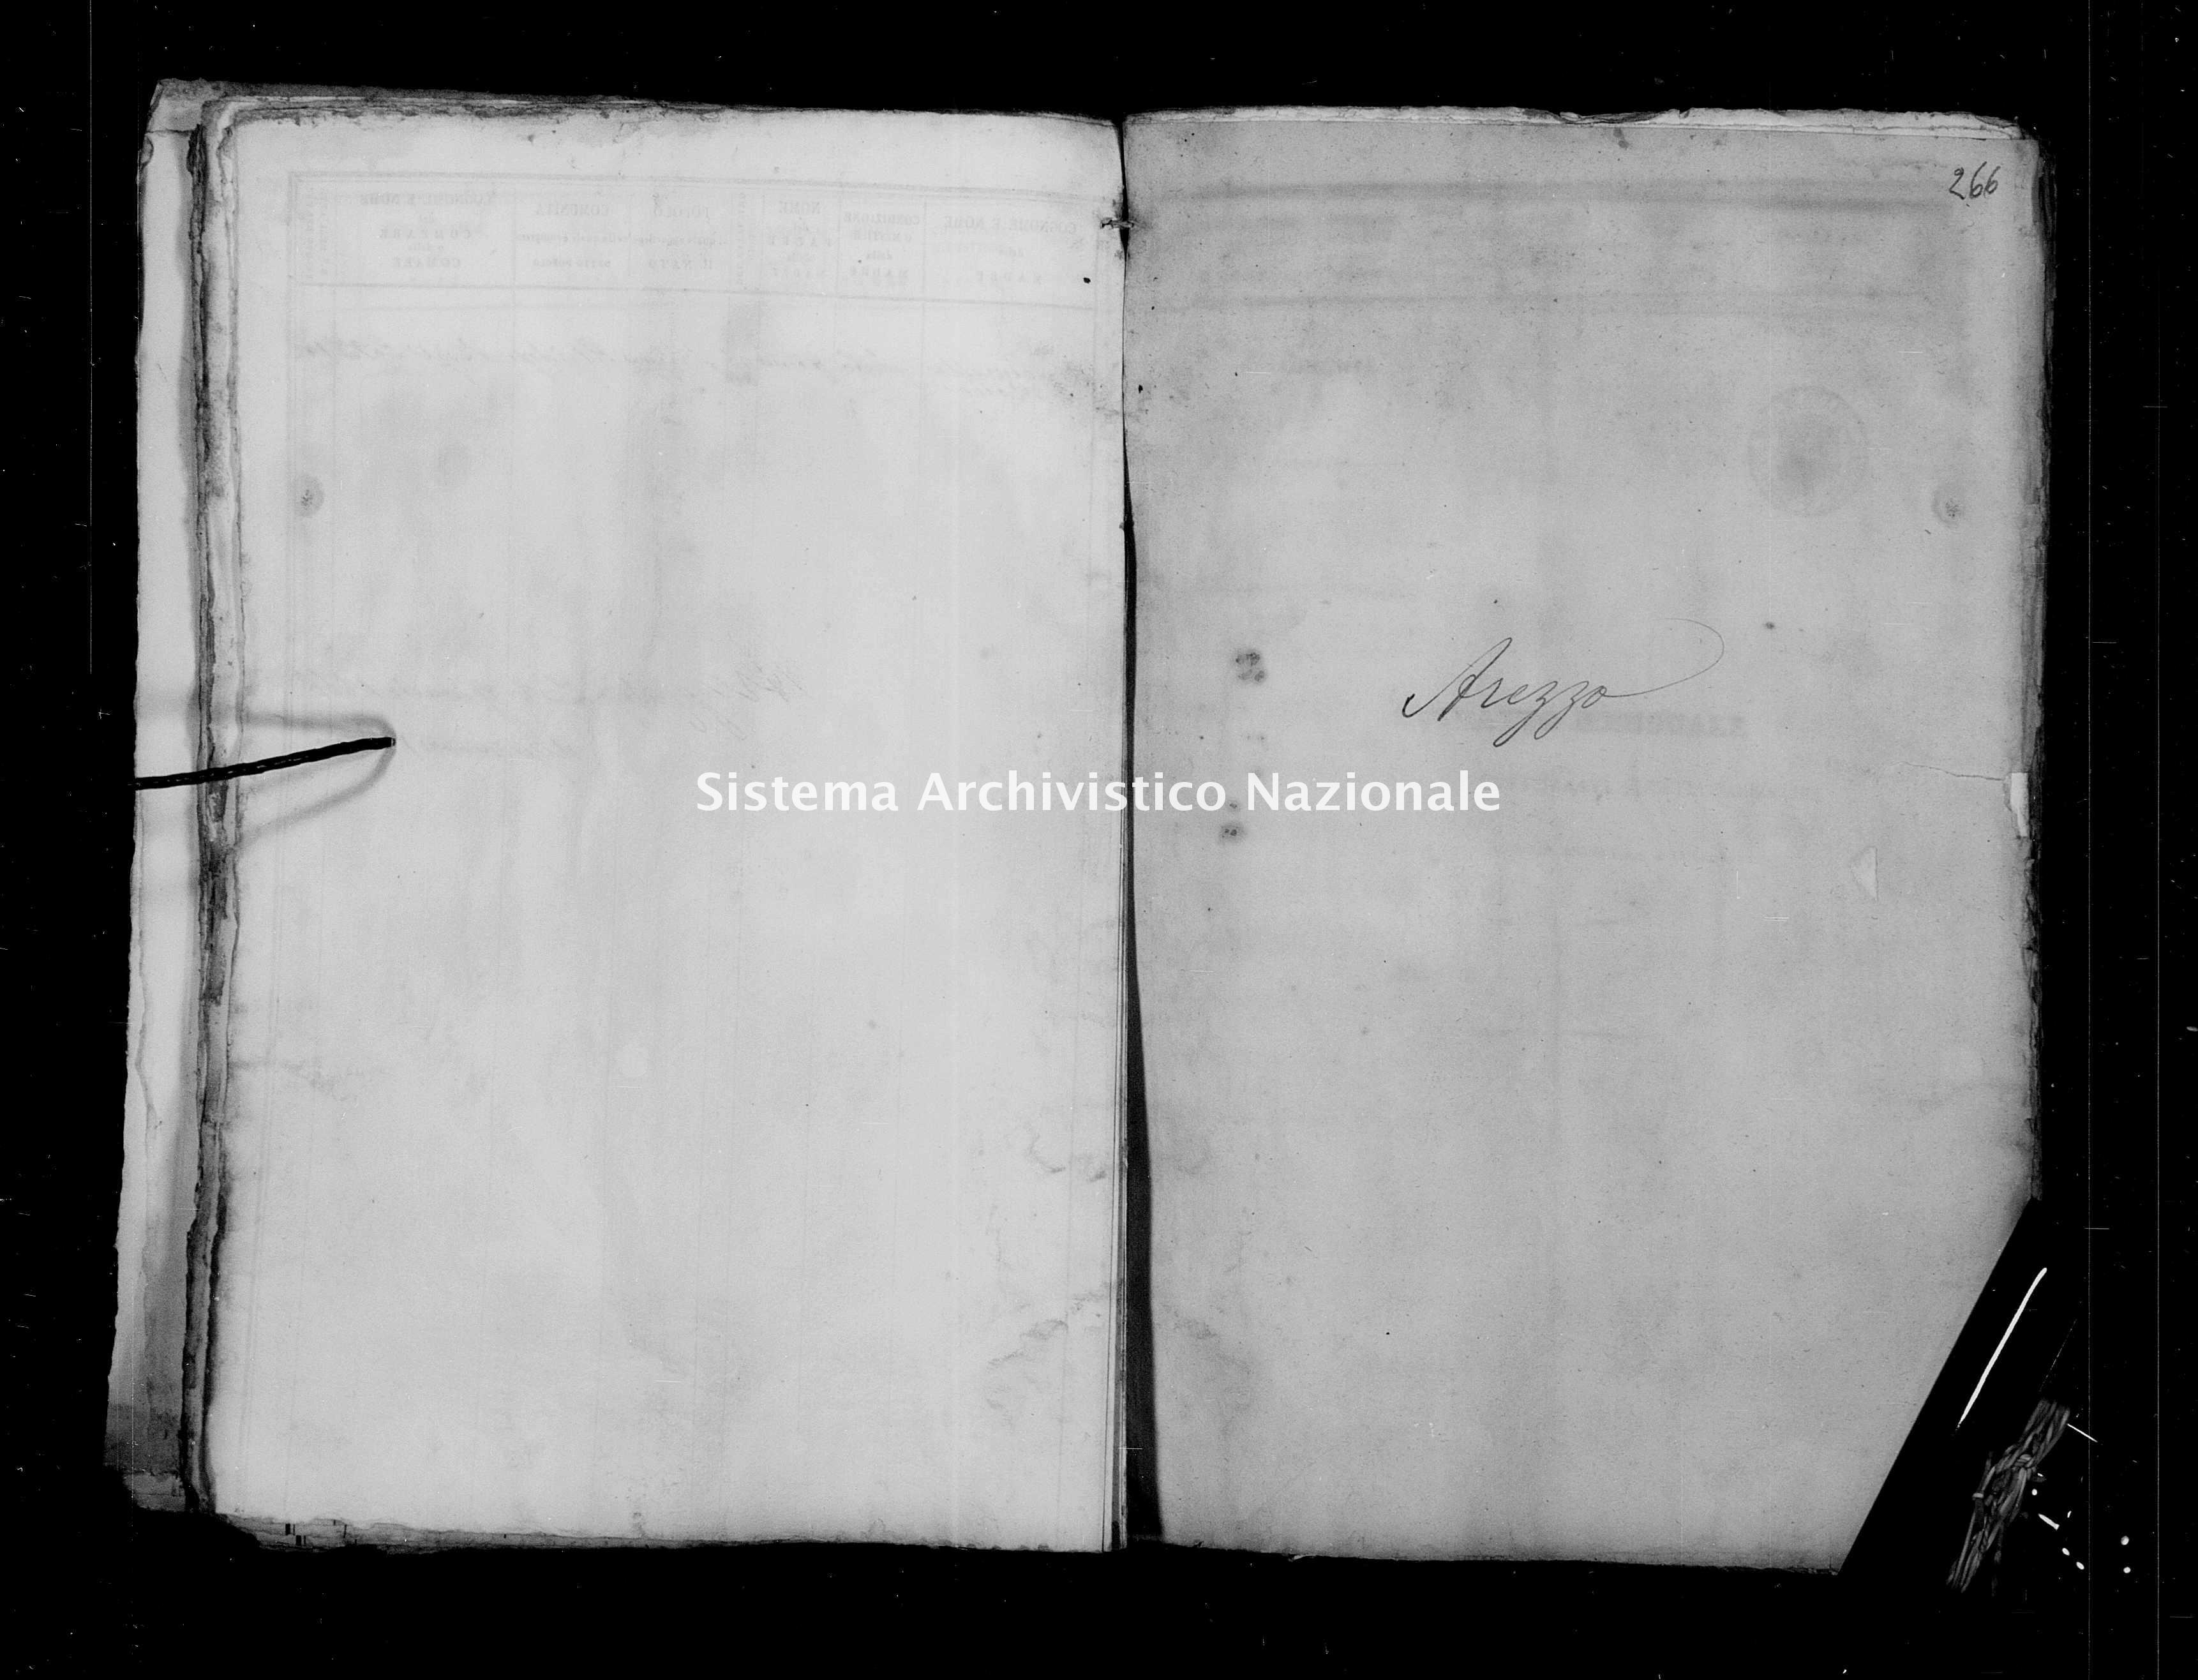 Archivio di stato di Firenze - Stato civile del circondario di Firenze (1866-1965) - Arezzo - Nati - 1865 - 1473 -